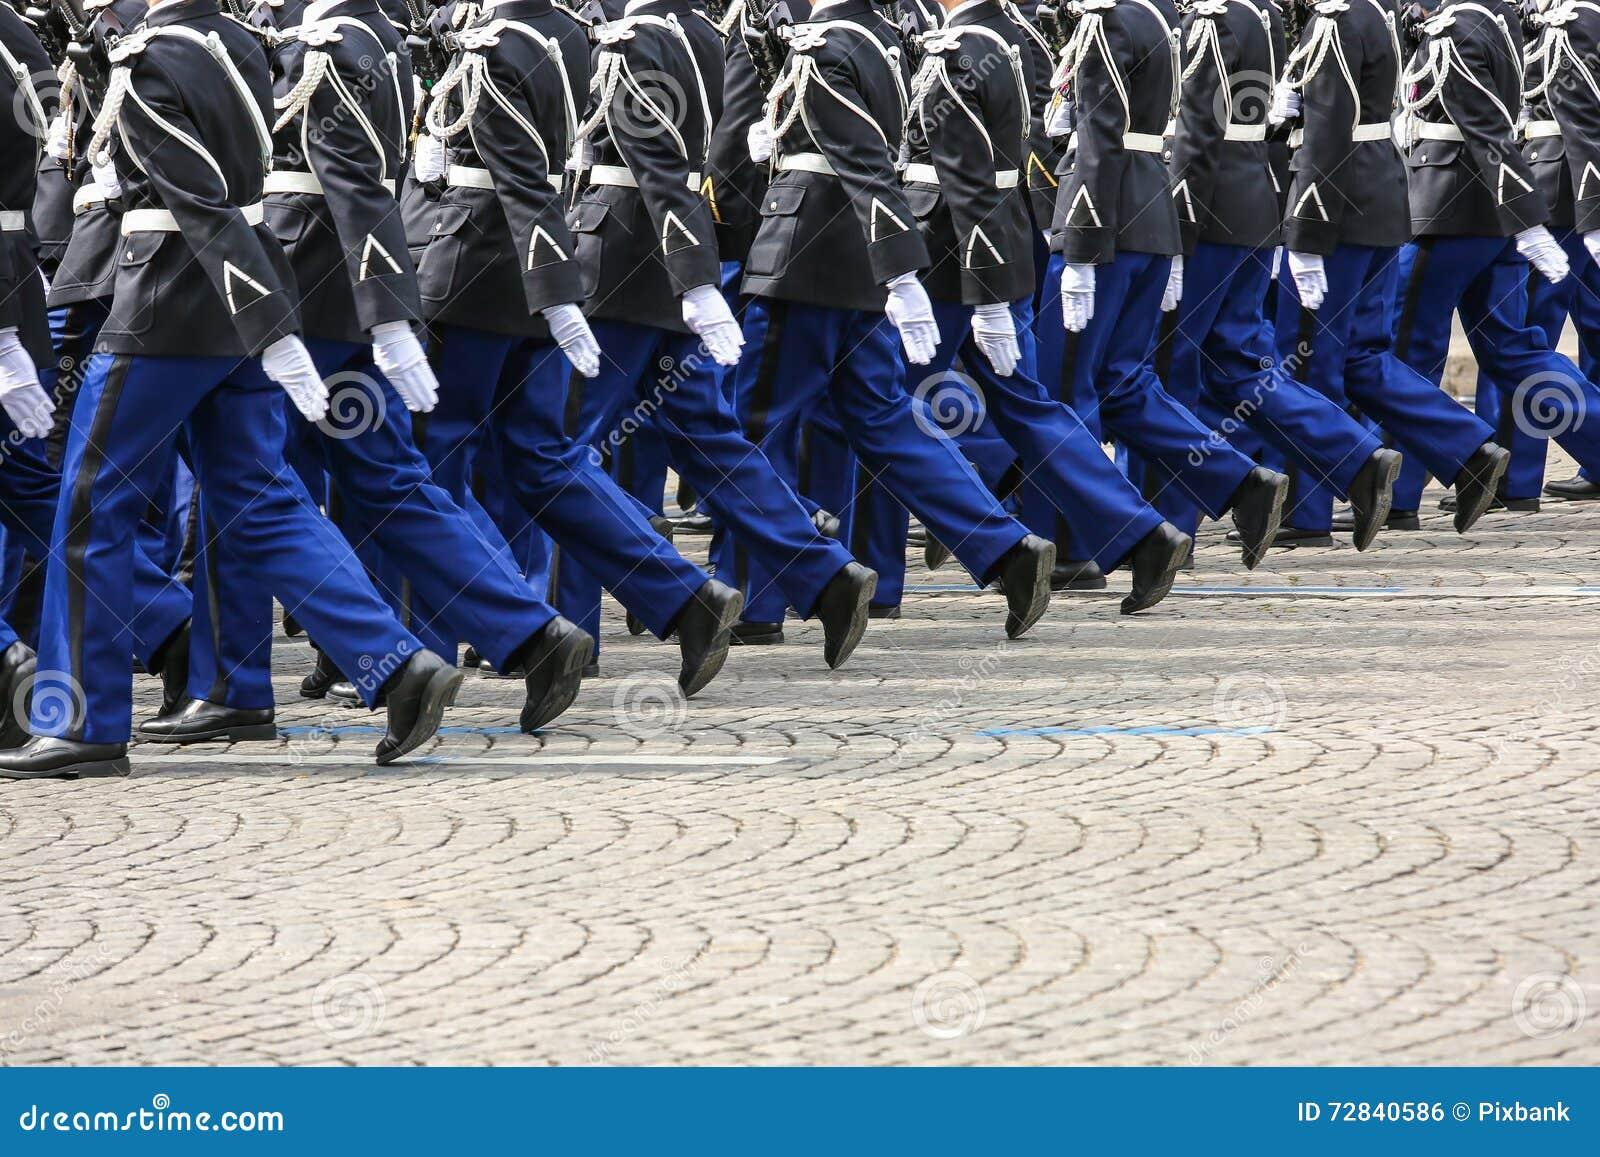 Parada militar durante o ceremonial